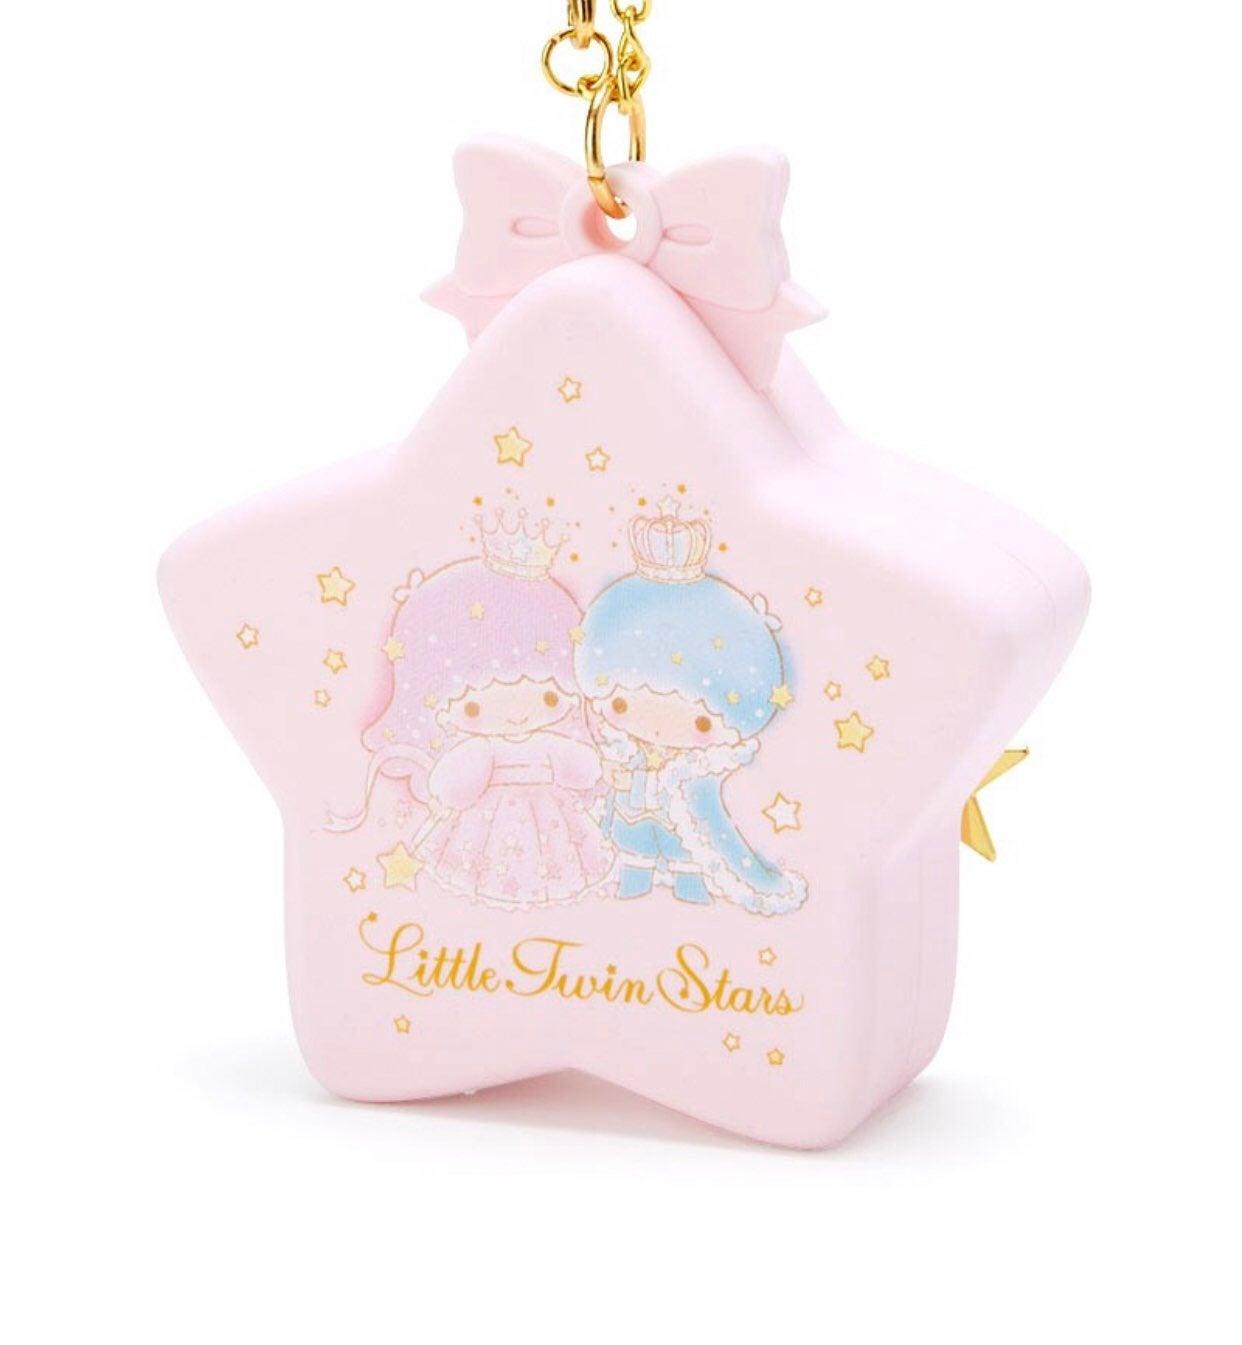 Sanrio Little Twin Stars Silicone Pouch